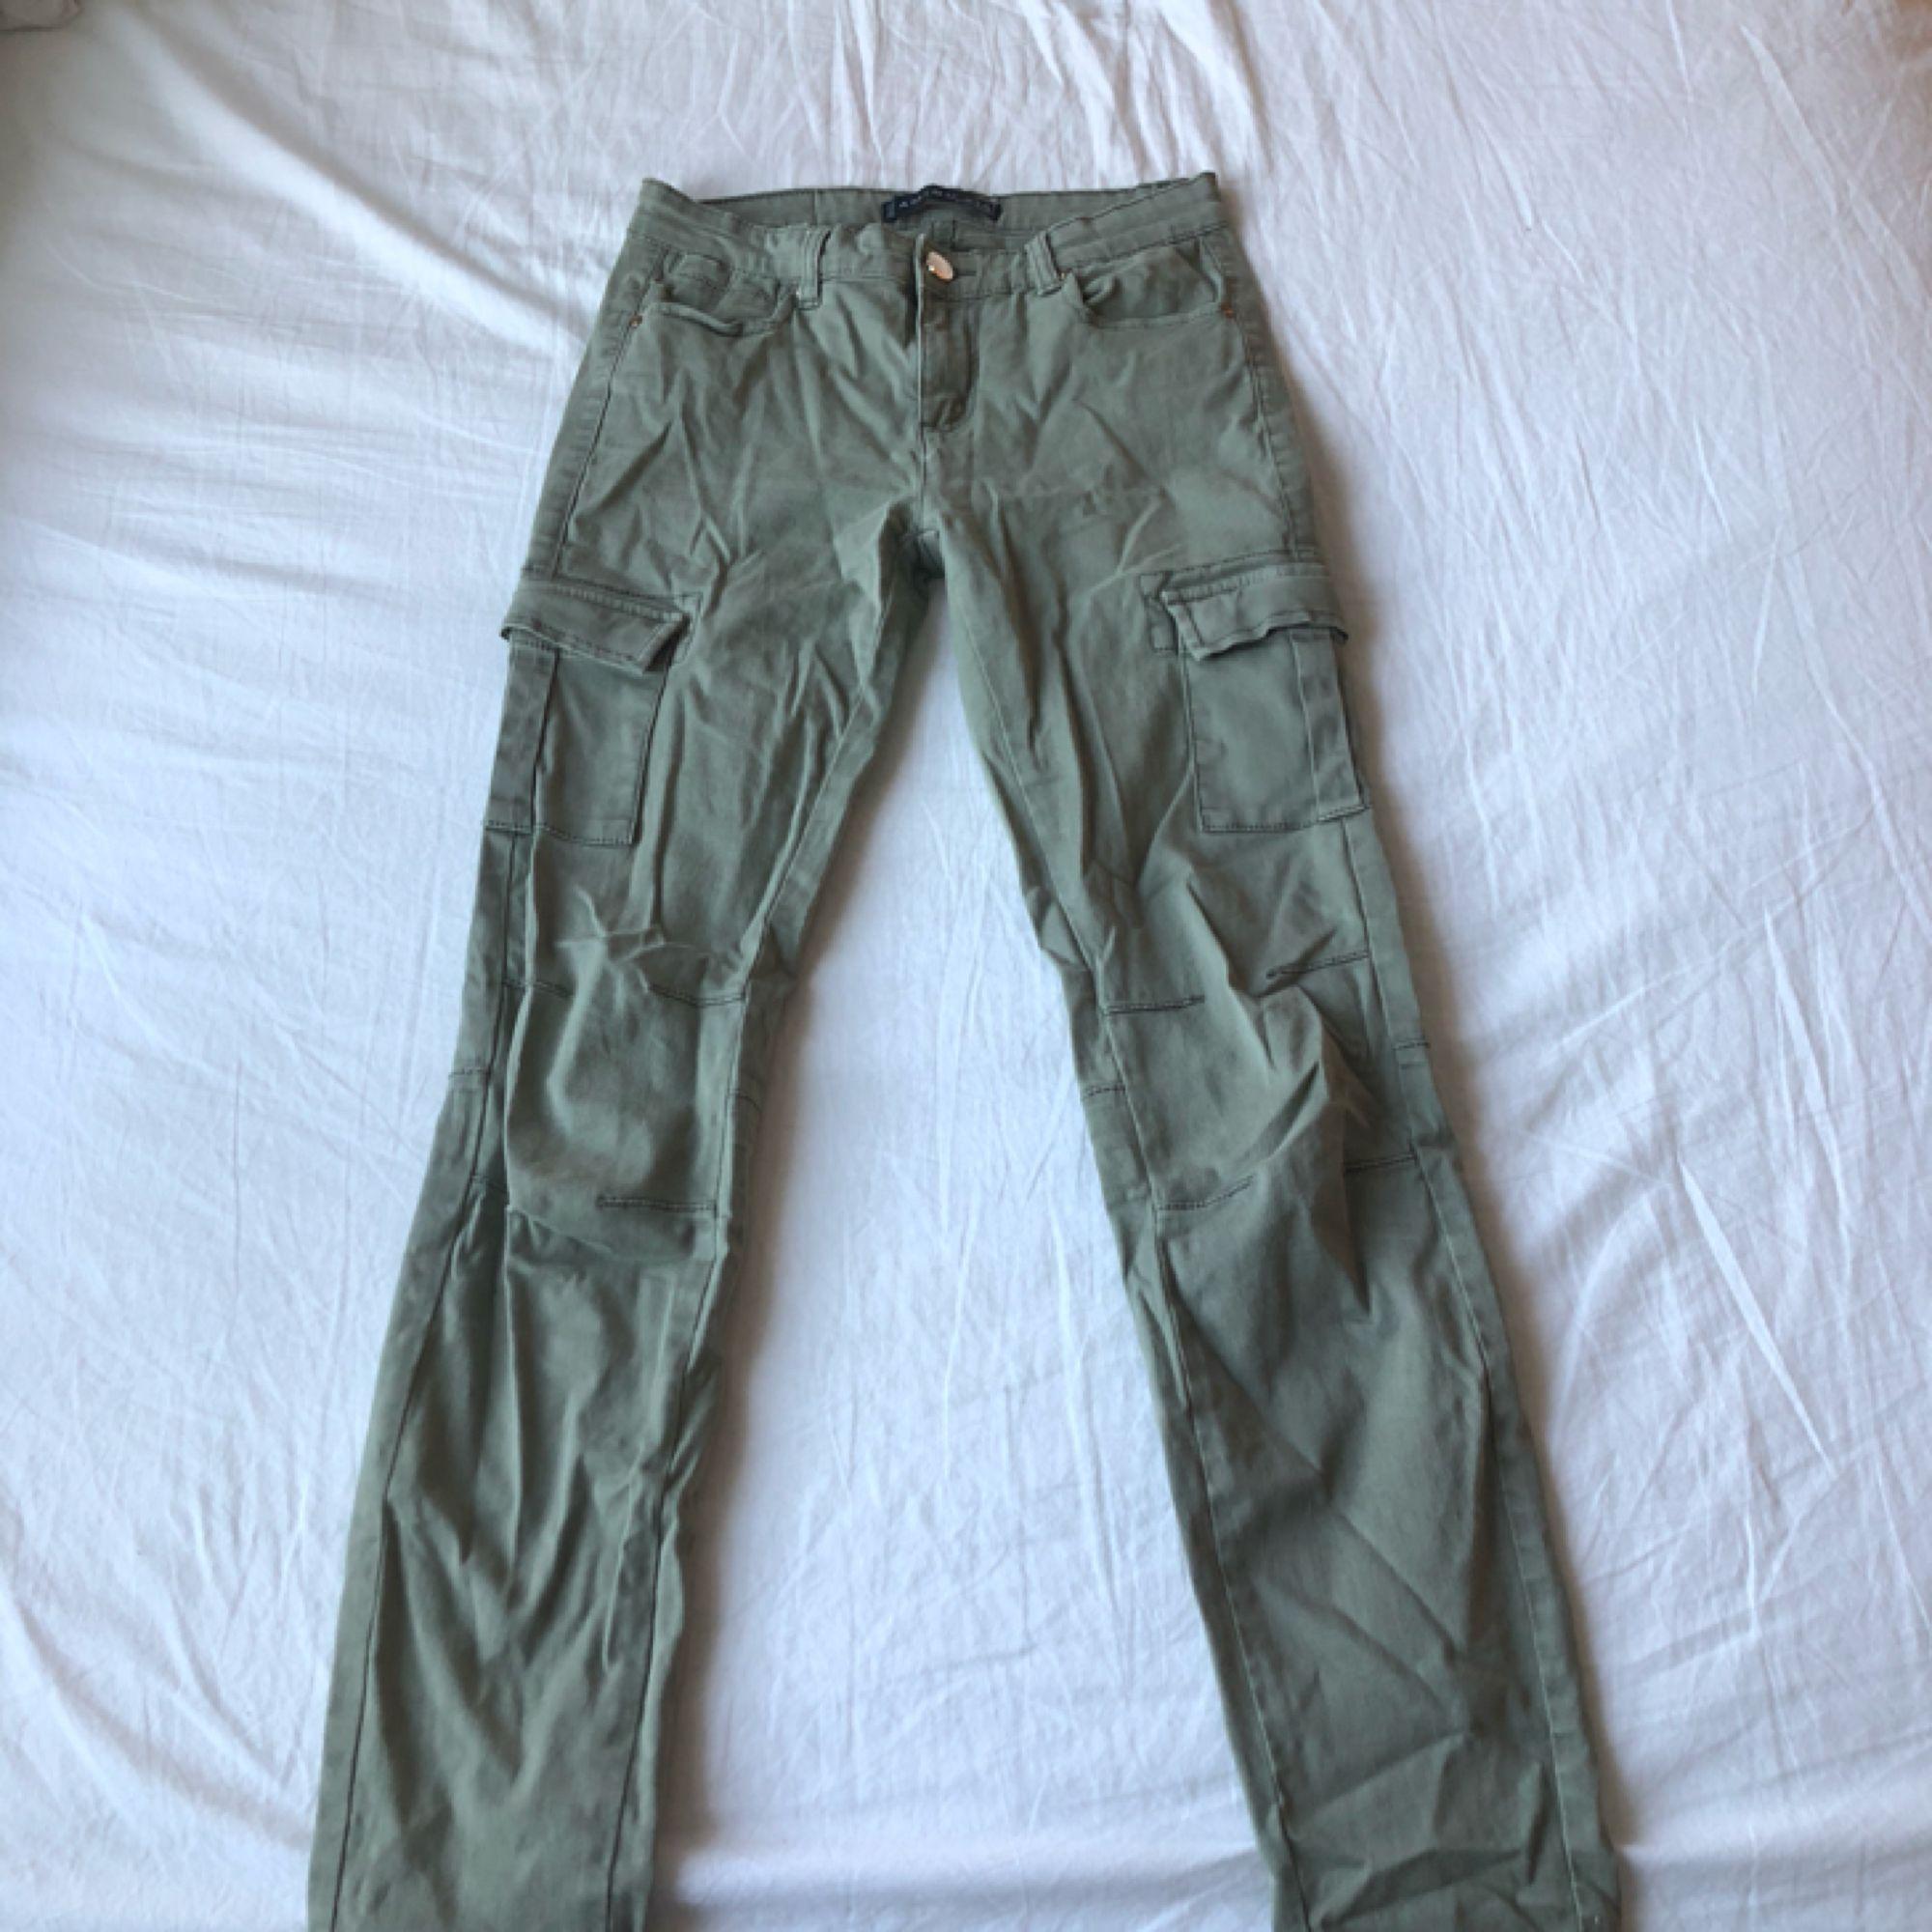 cd0d01f96 ... Gröna cargo pants med fickor på sidan av benet. 80kr köparen står för  frakt ...